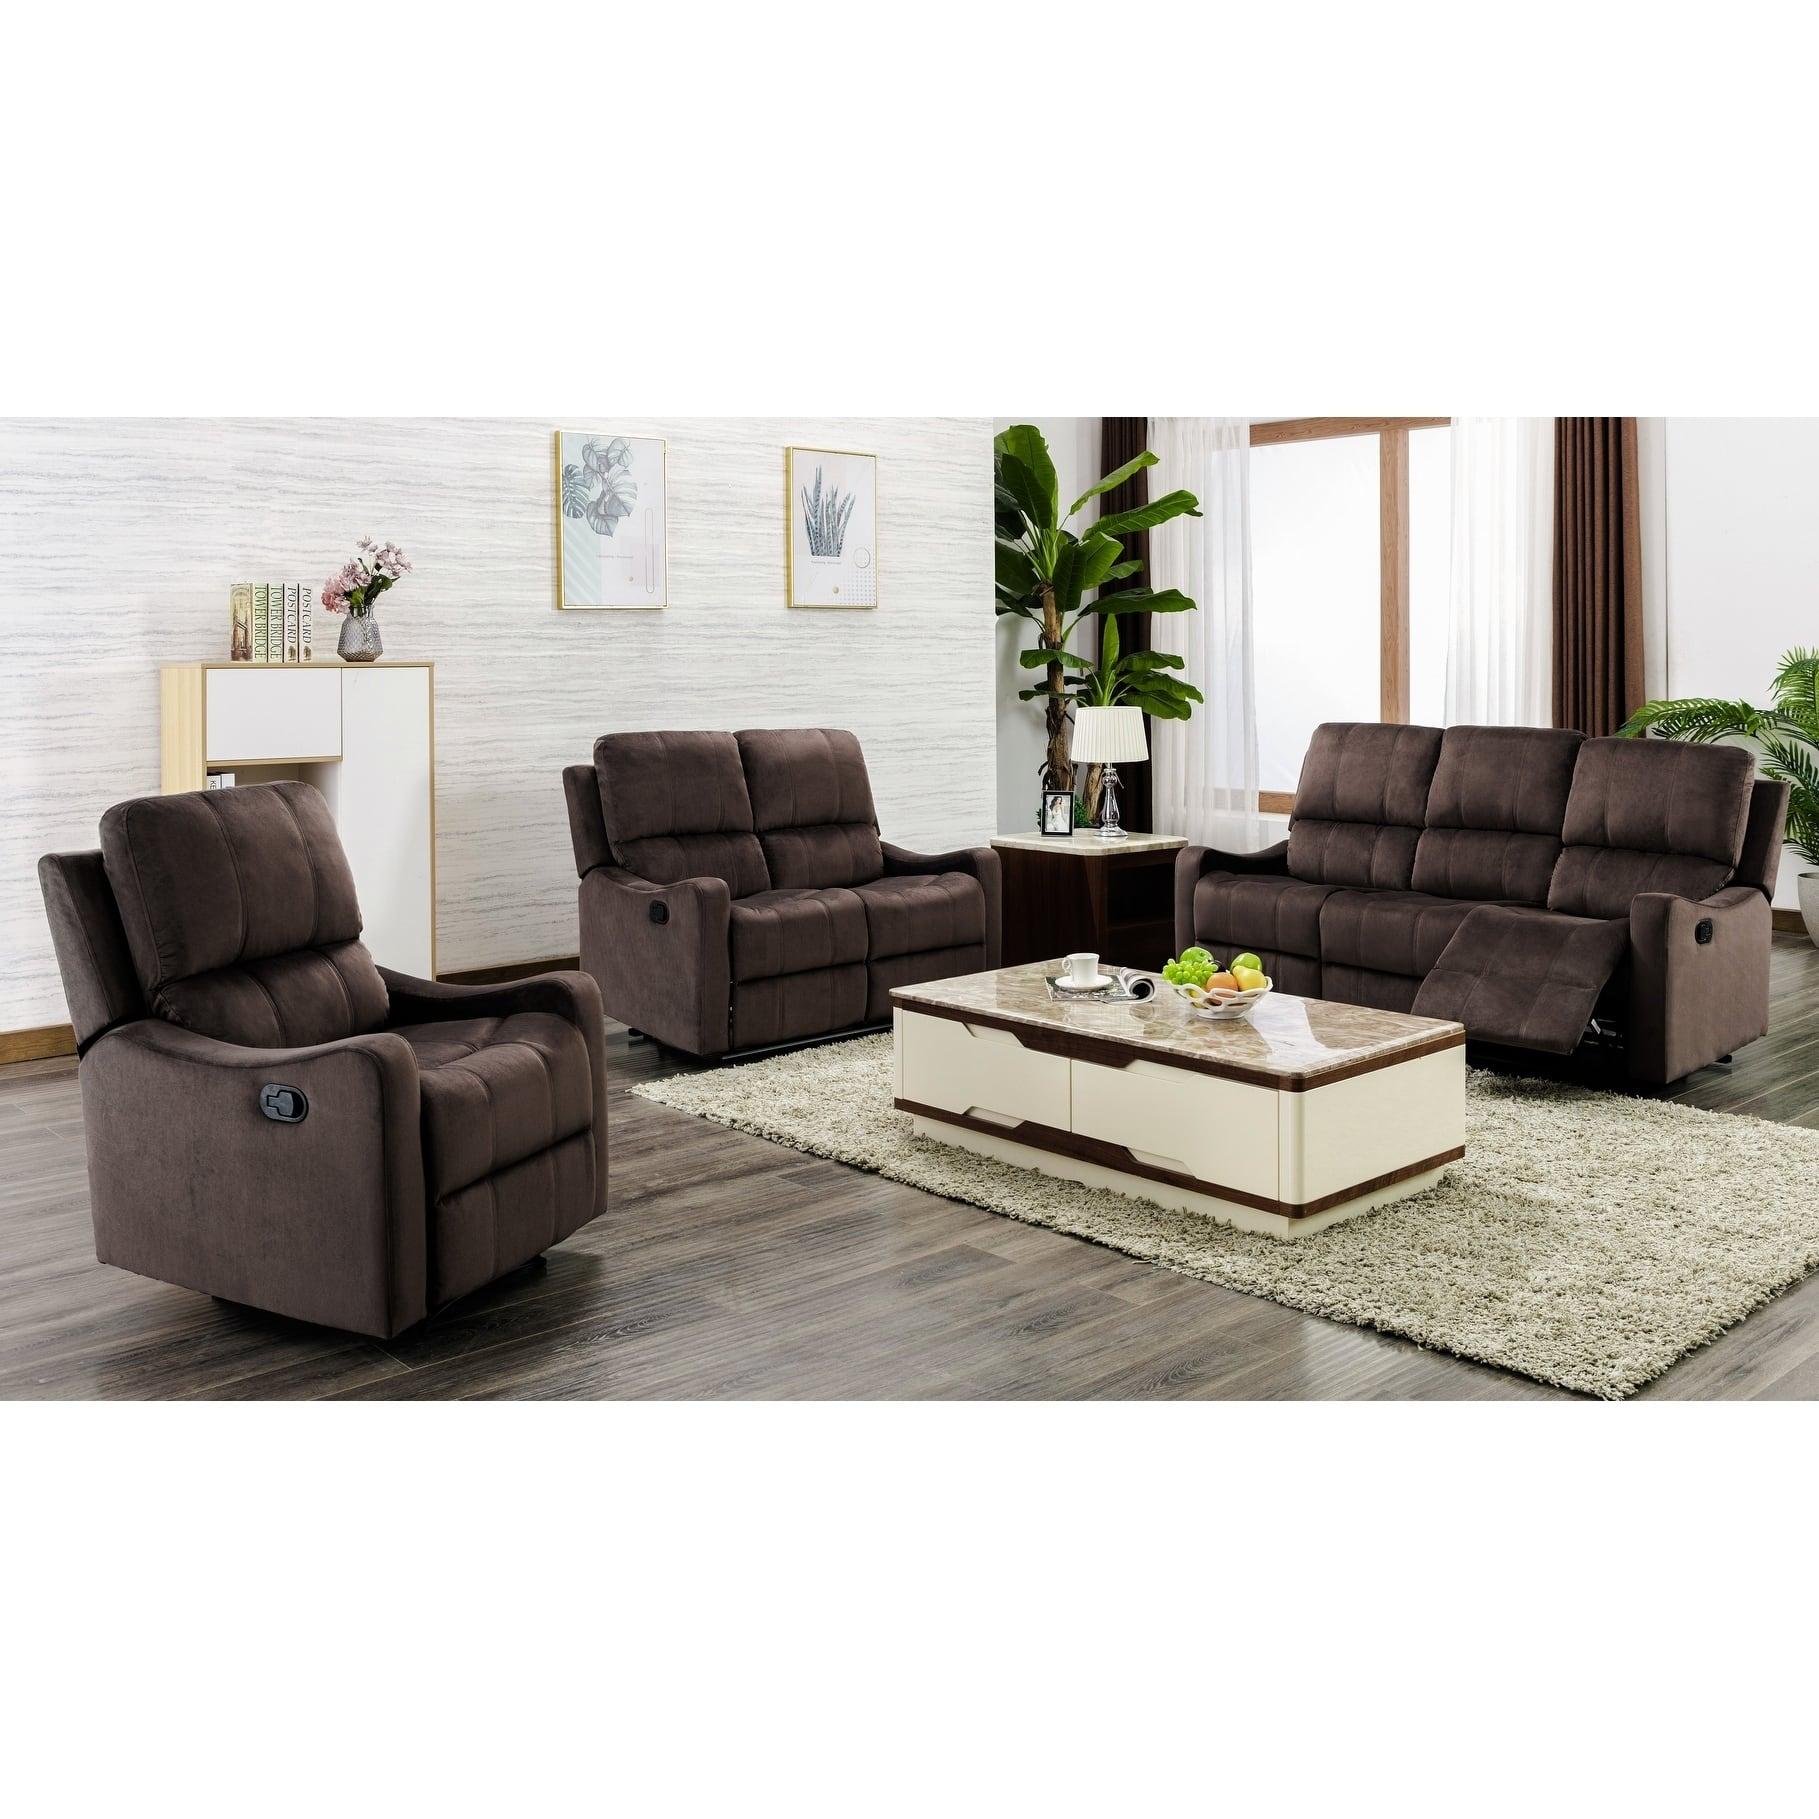 Great Deals On Furniture Online: Buy Living Room Furniture Sets Online At Overstock